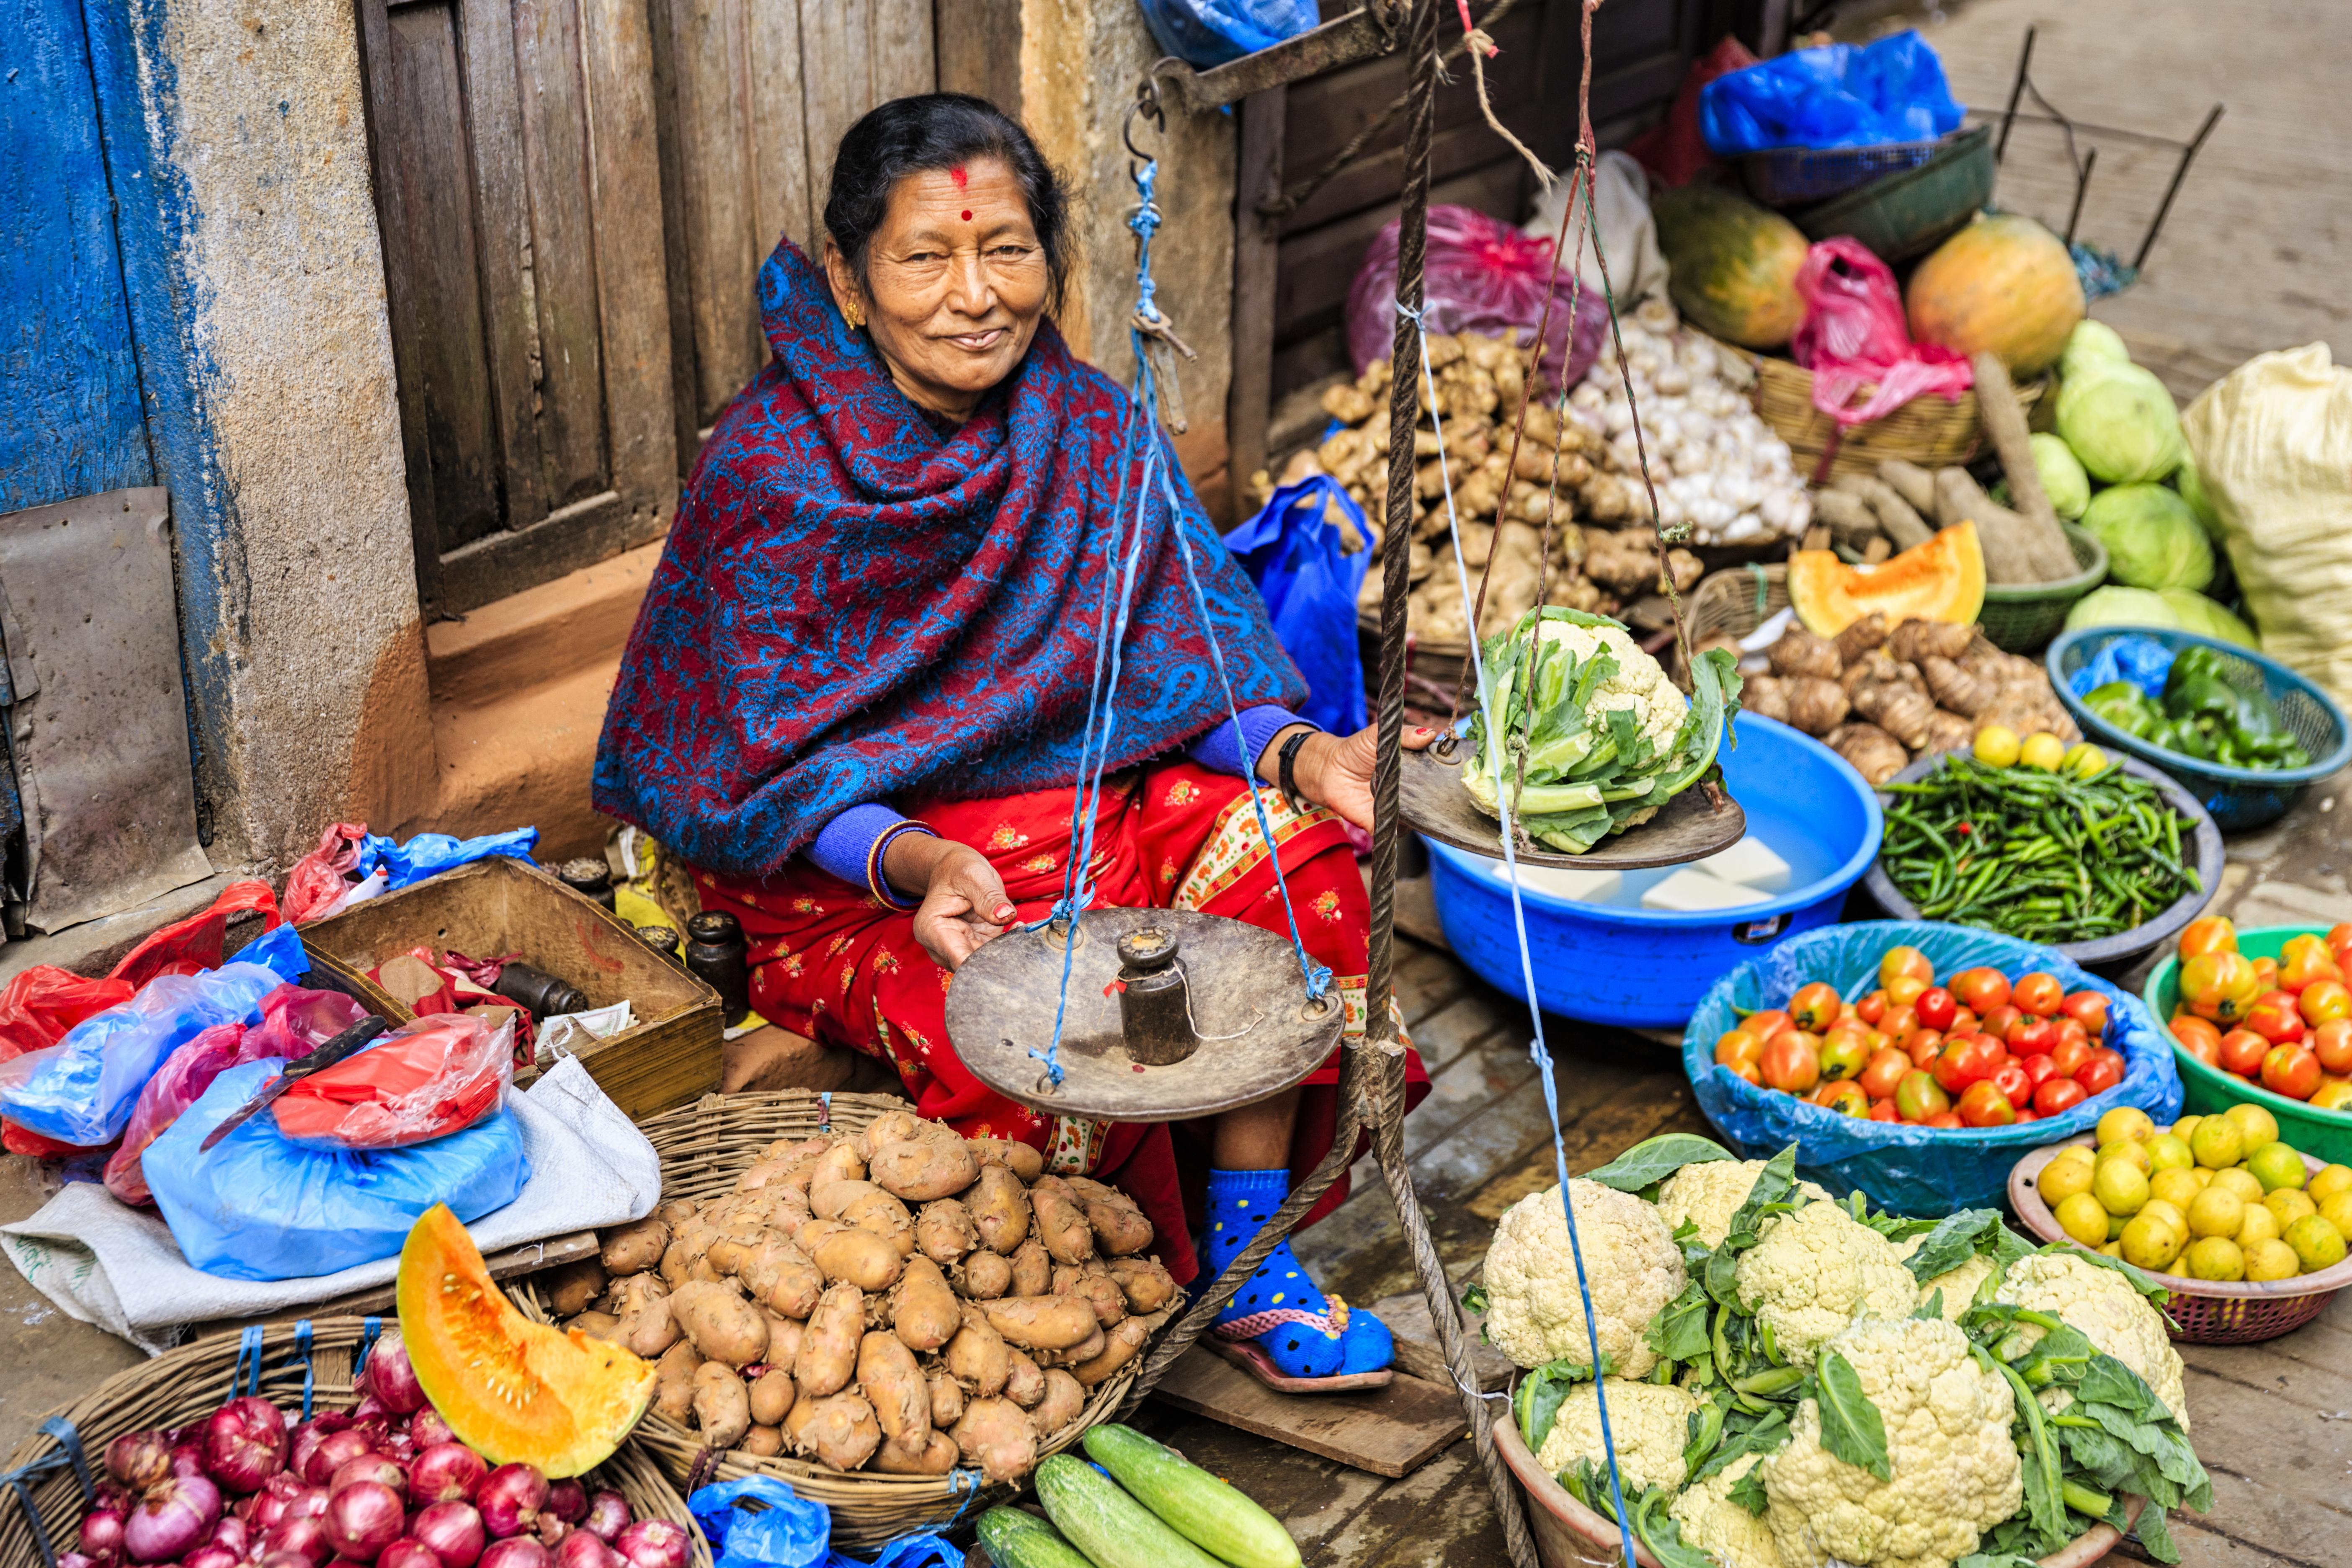 Tiendas y mercados en Katmandú - Nepal Gran Viaje Nepal clásico